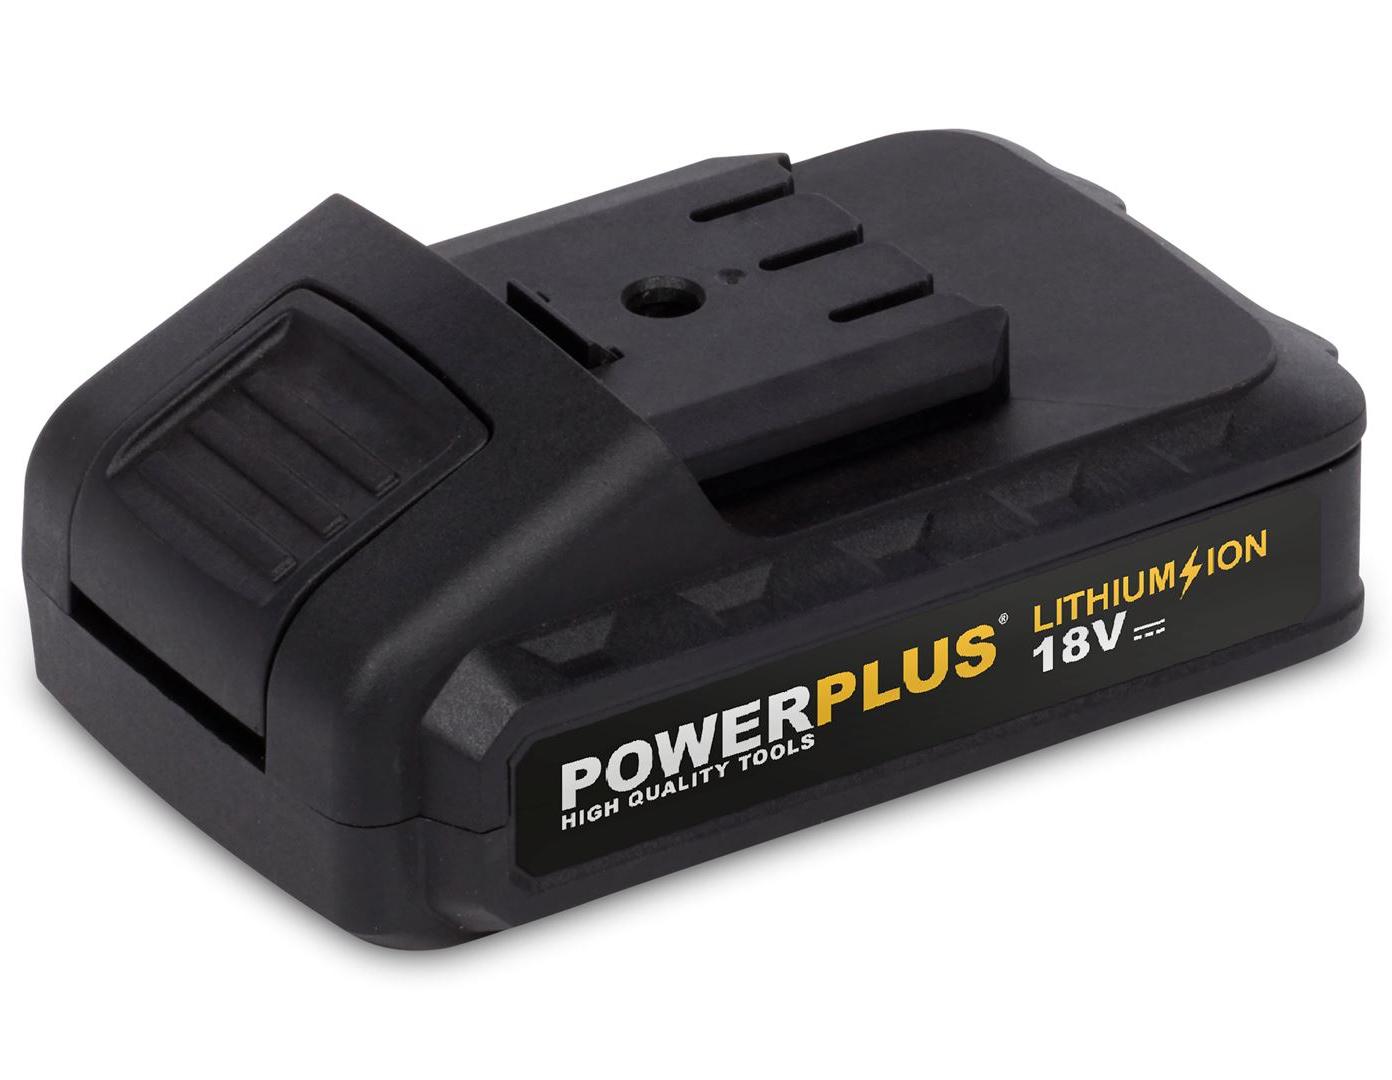 Powerplus Accu Schoefboormachine POWX0026LI